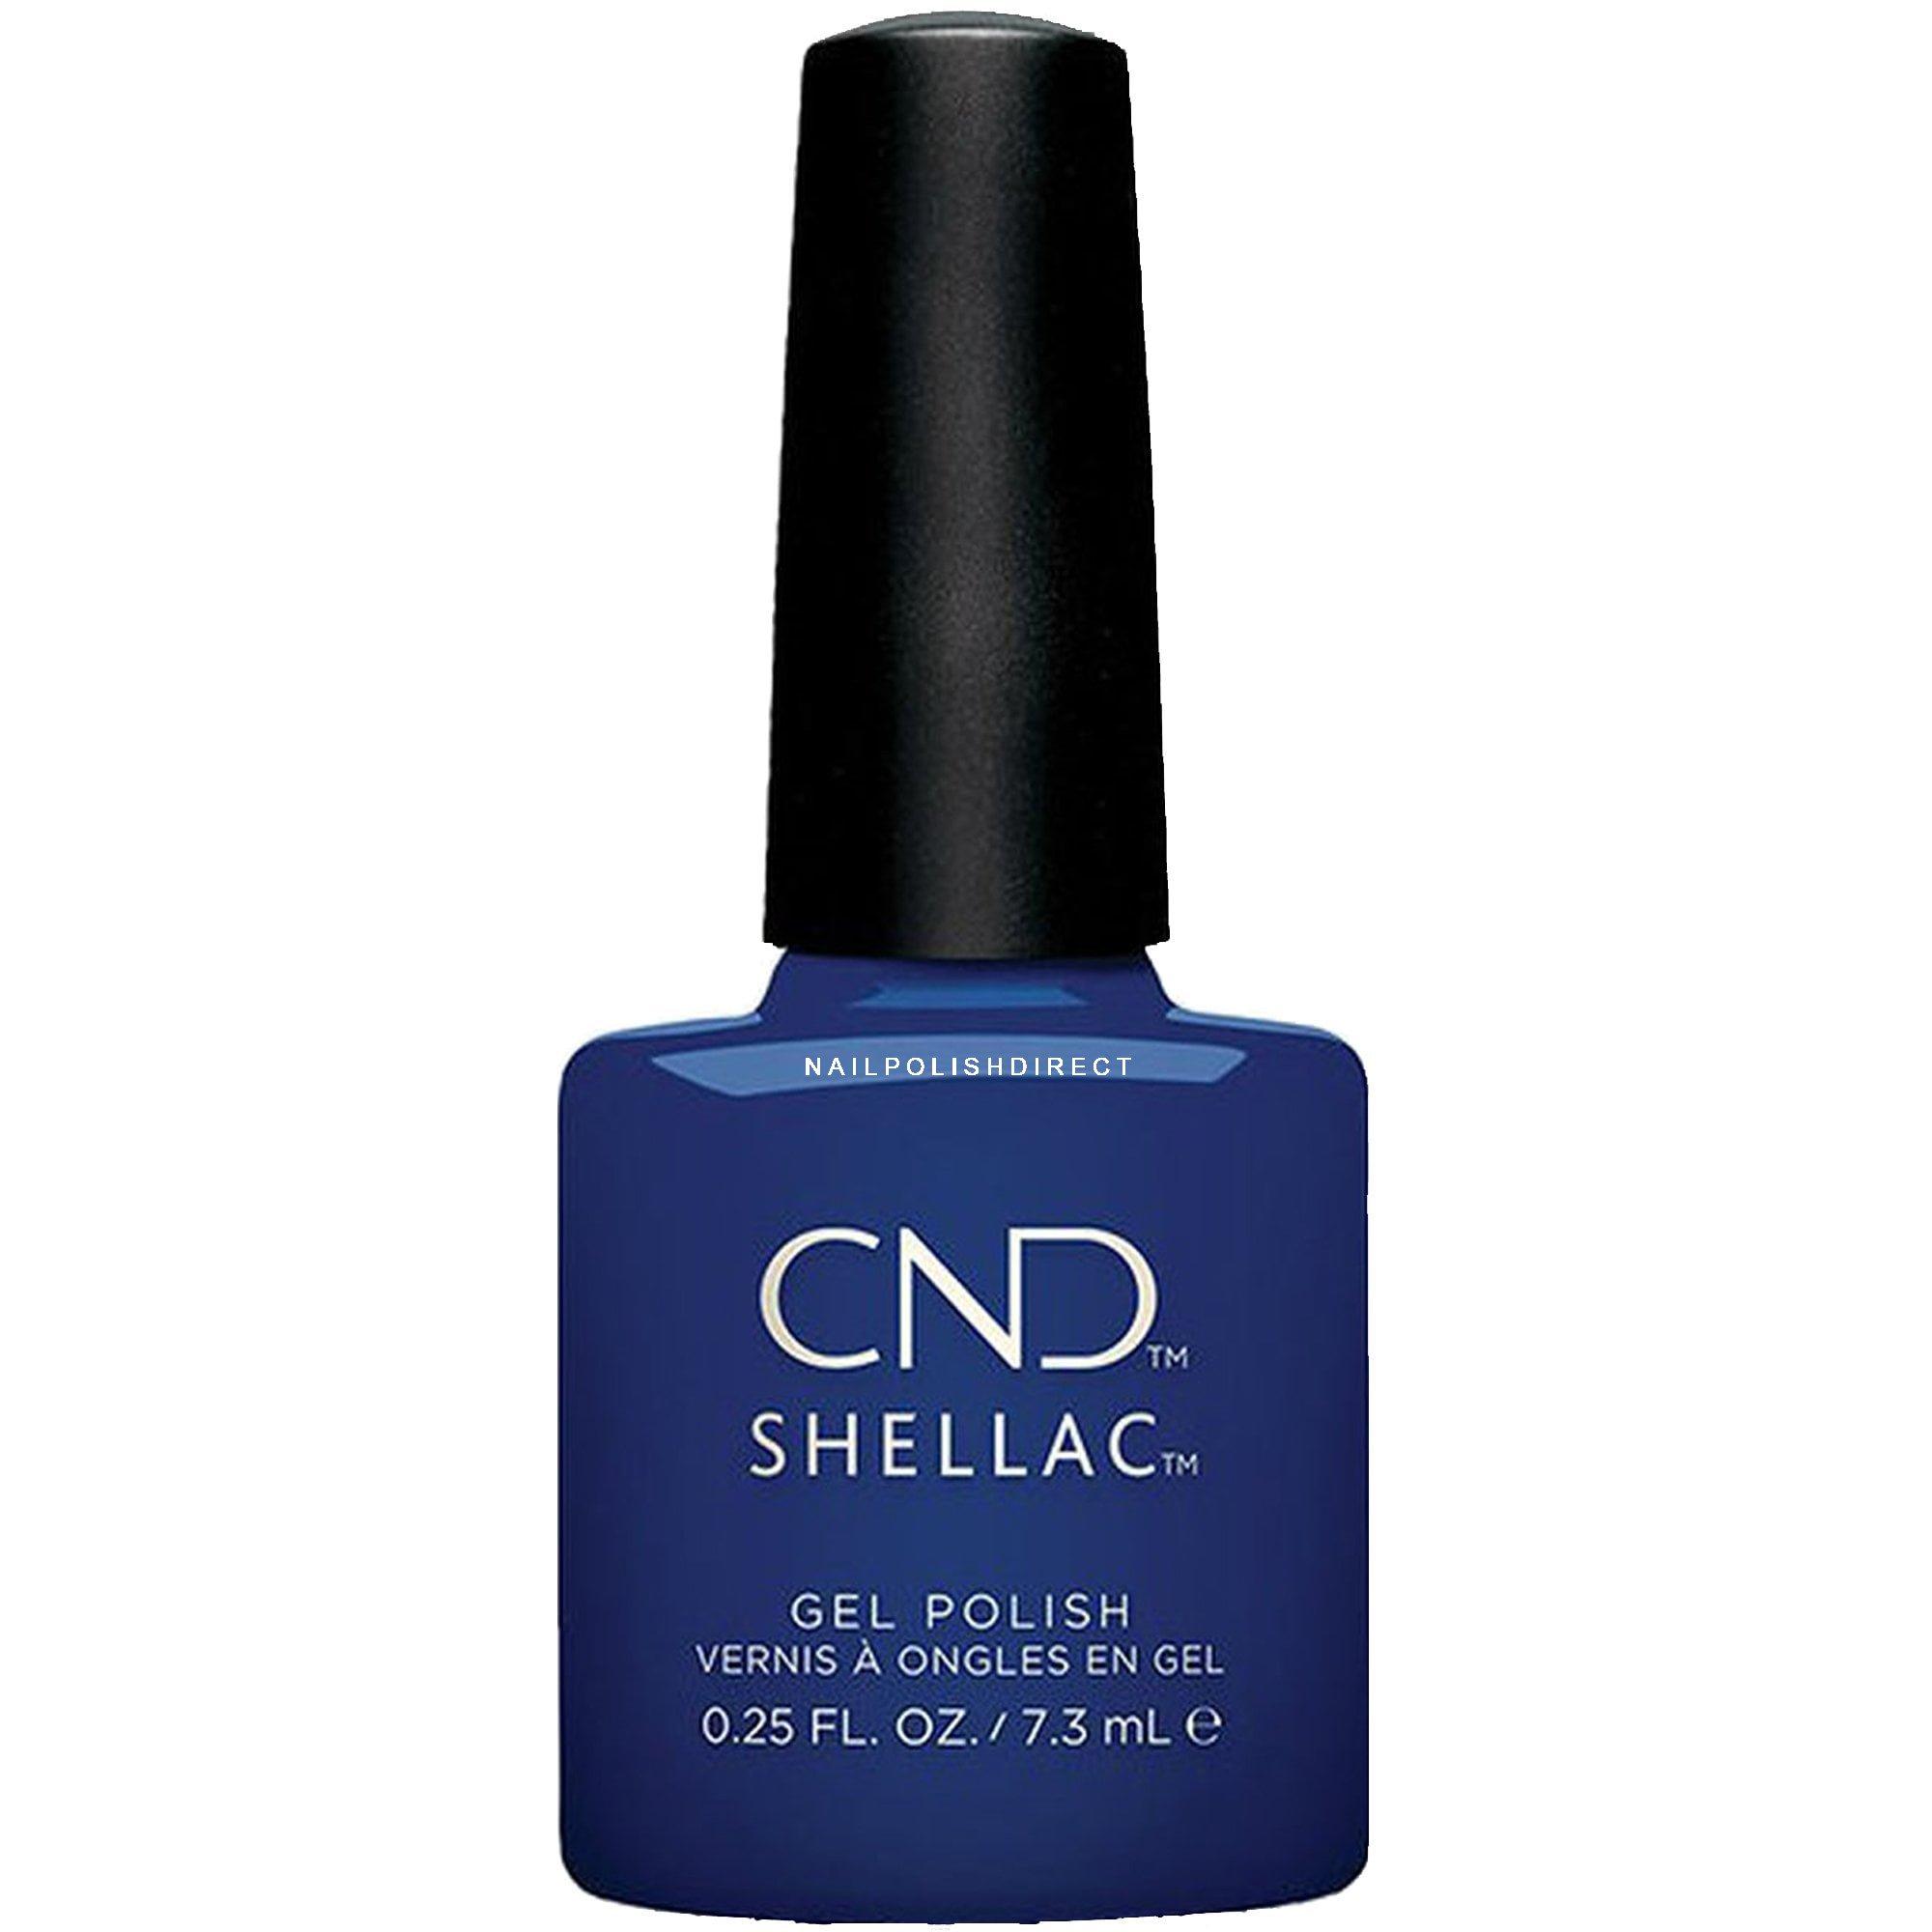 CND Shellac UV Gel Polish - NUDE KNICKERS 90485 7.3ml 0